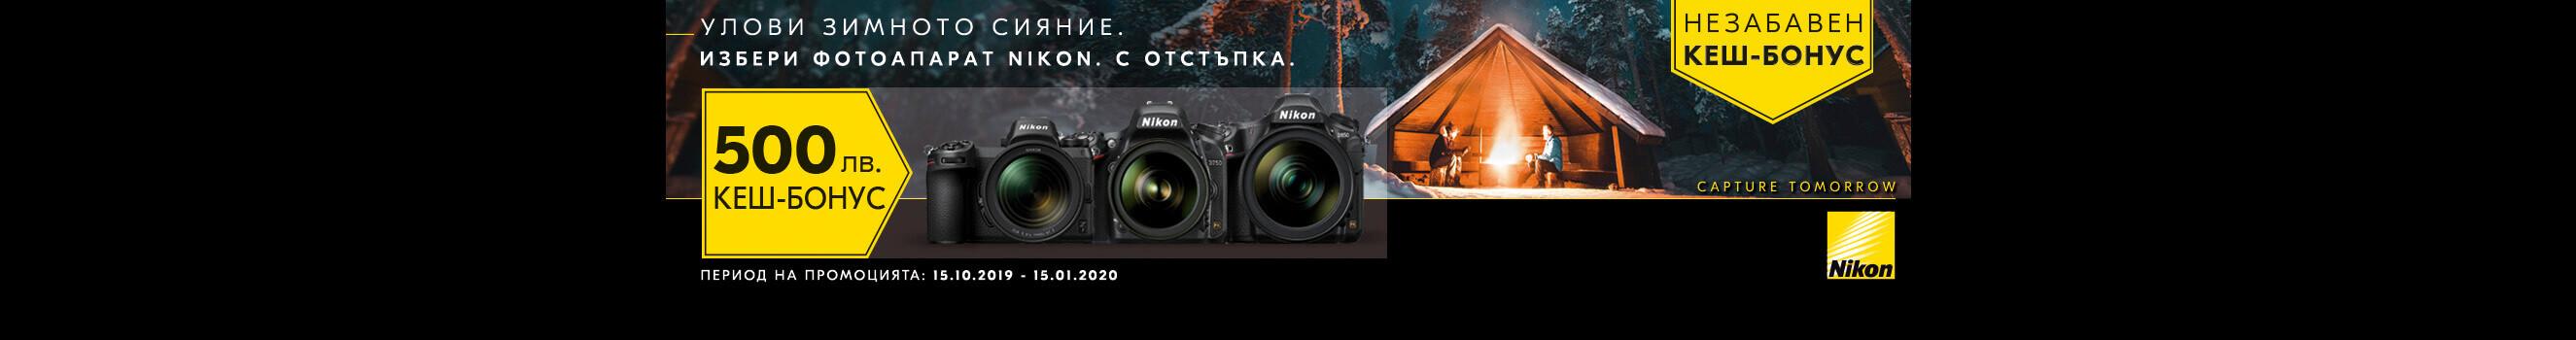 Фотоапарати Nikon с 500 лв. кешбек